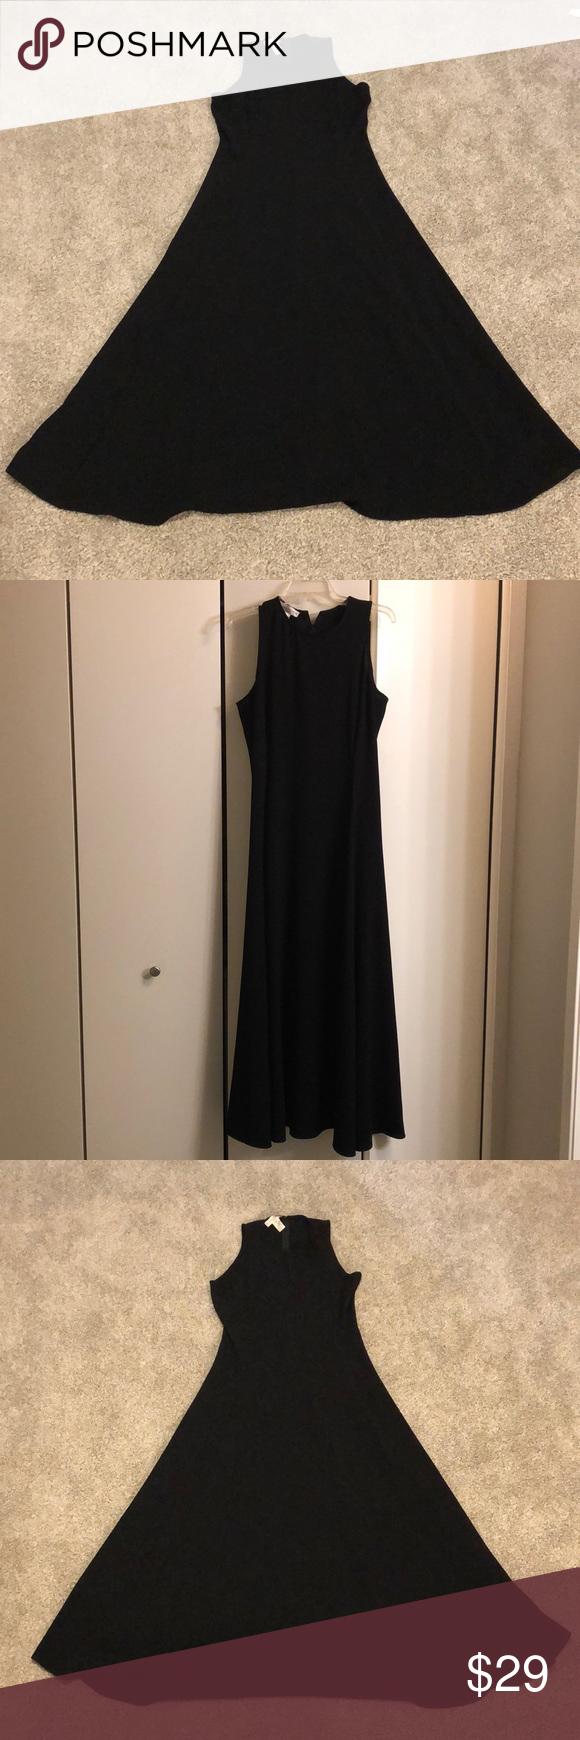 Evan Picone Black Dress Colorful Dresses Clothes Design Fashion [ 1740 x 580 Pixel ]